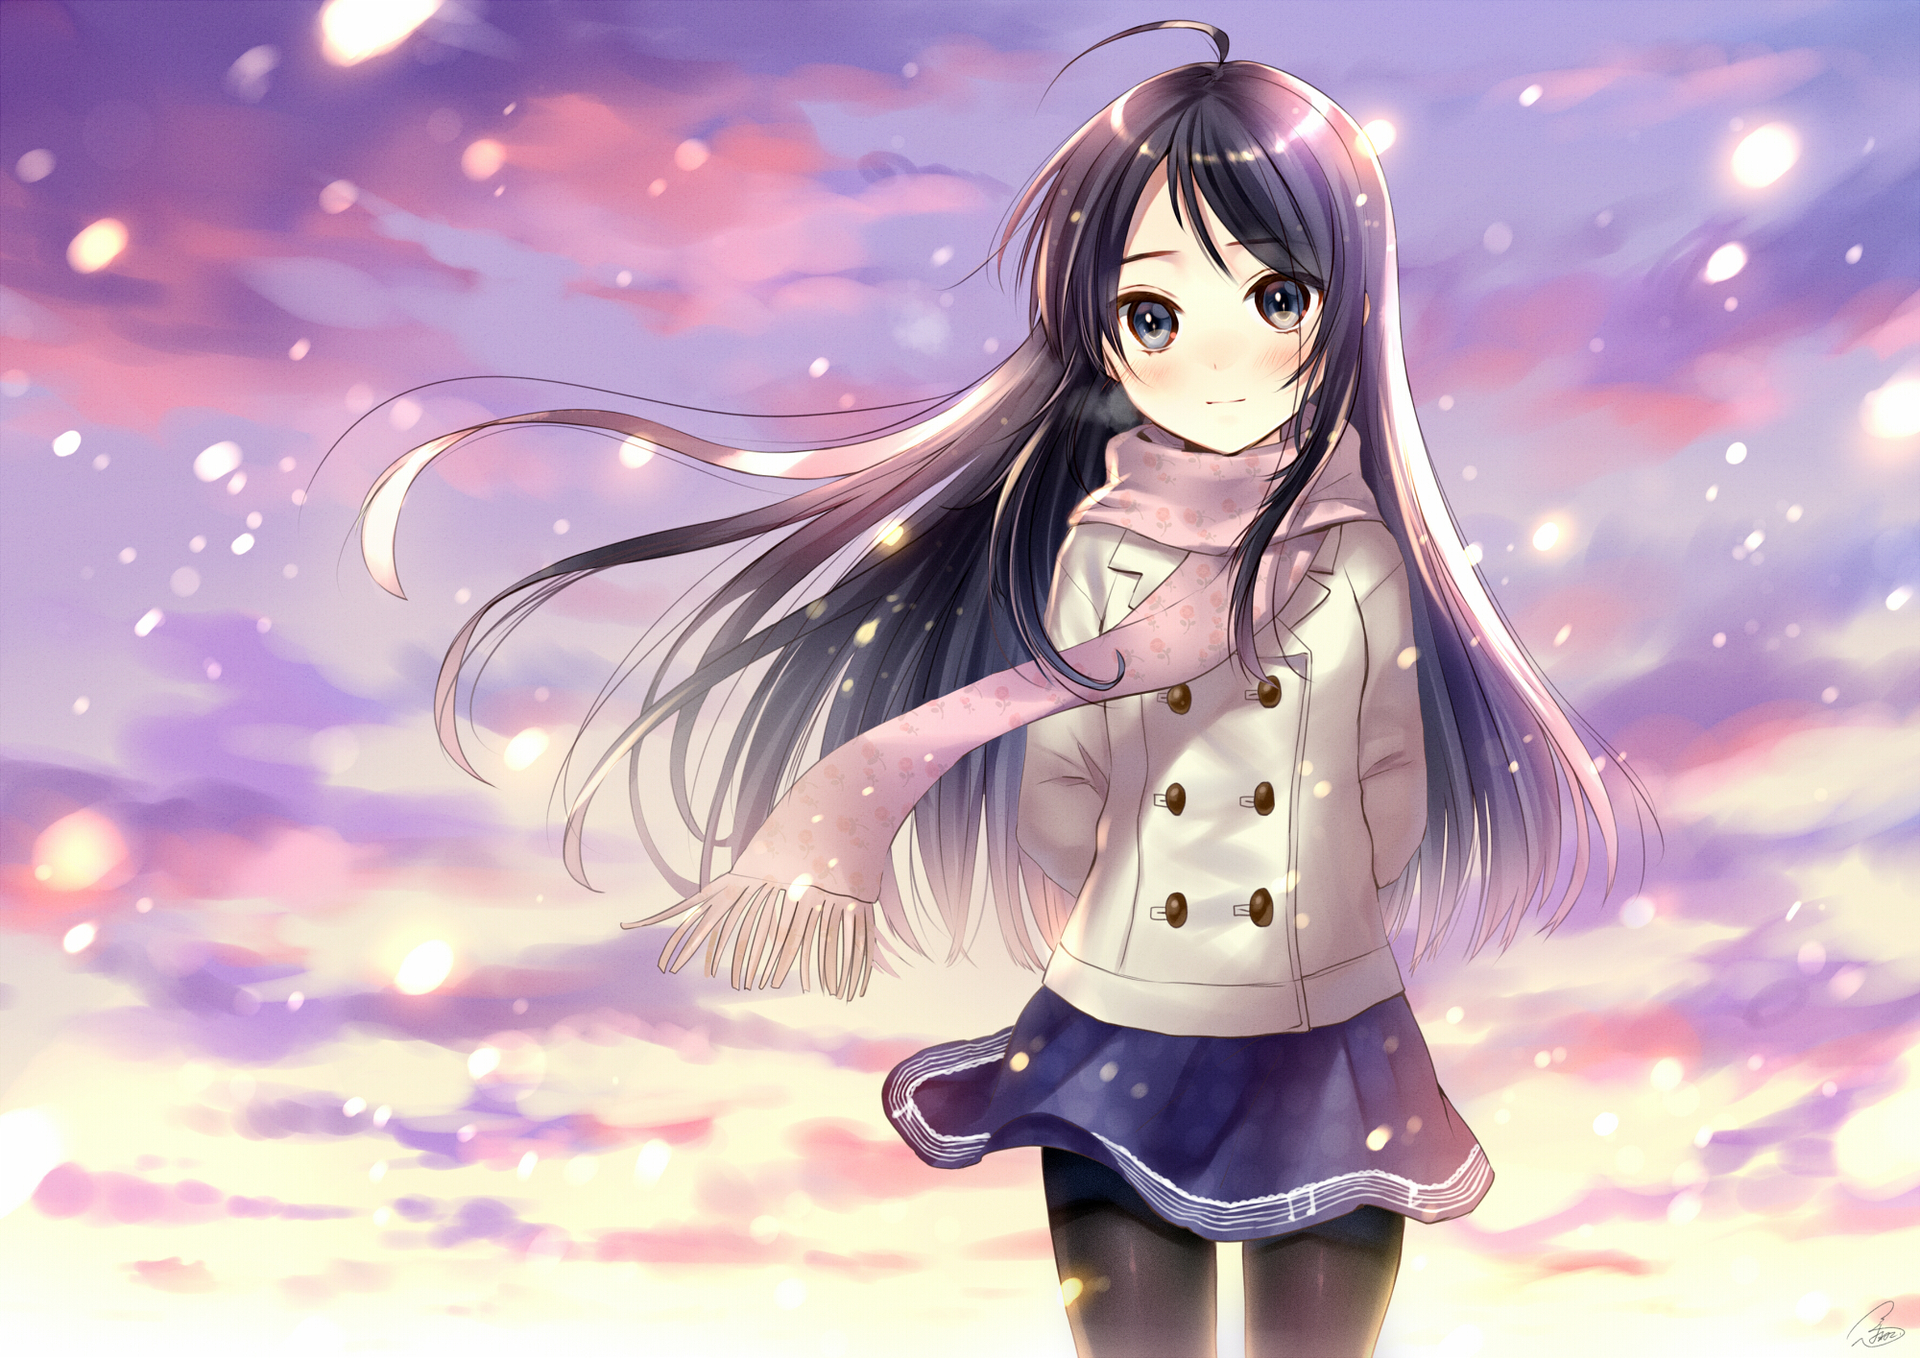 Картинка аниме девочек